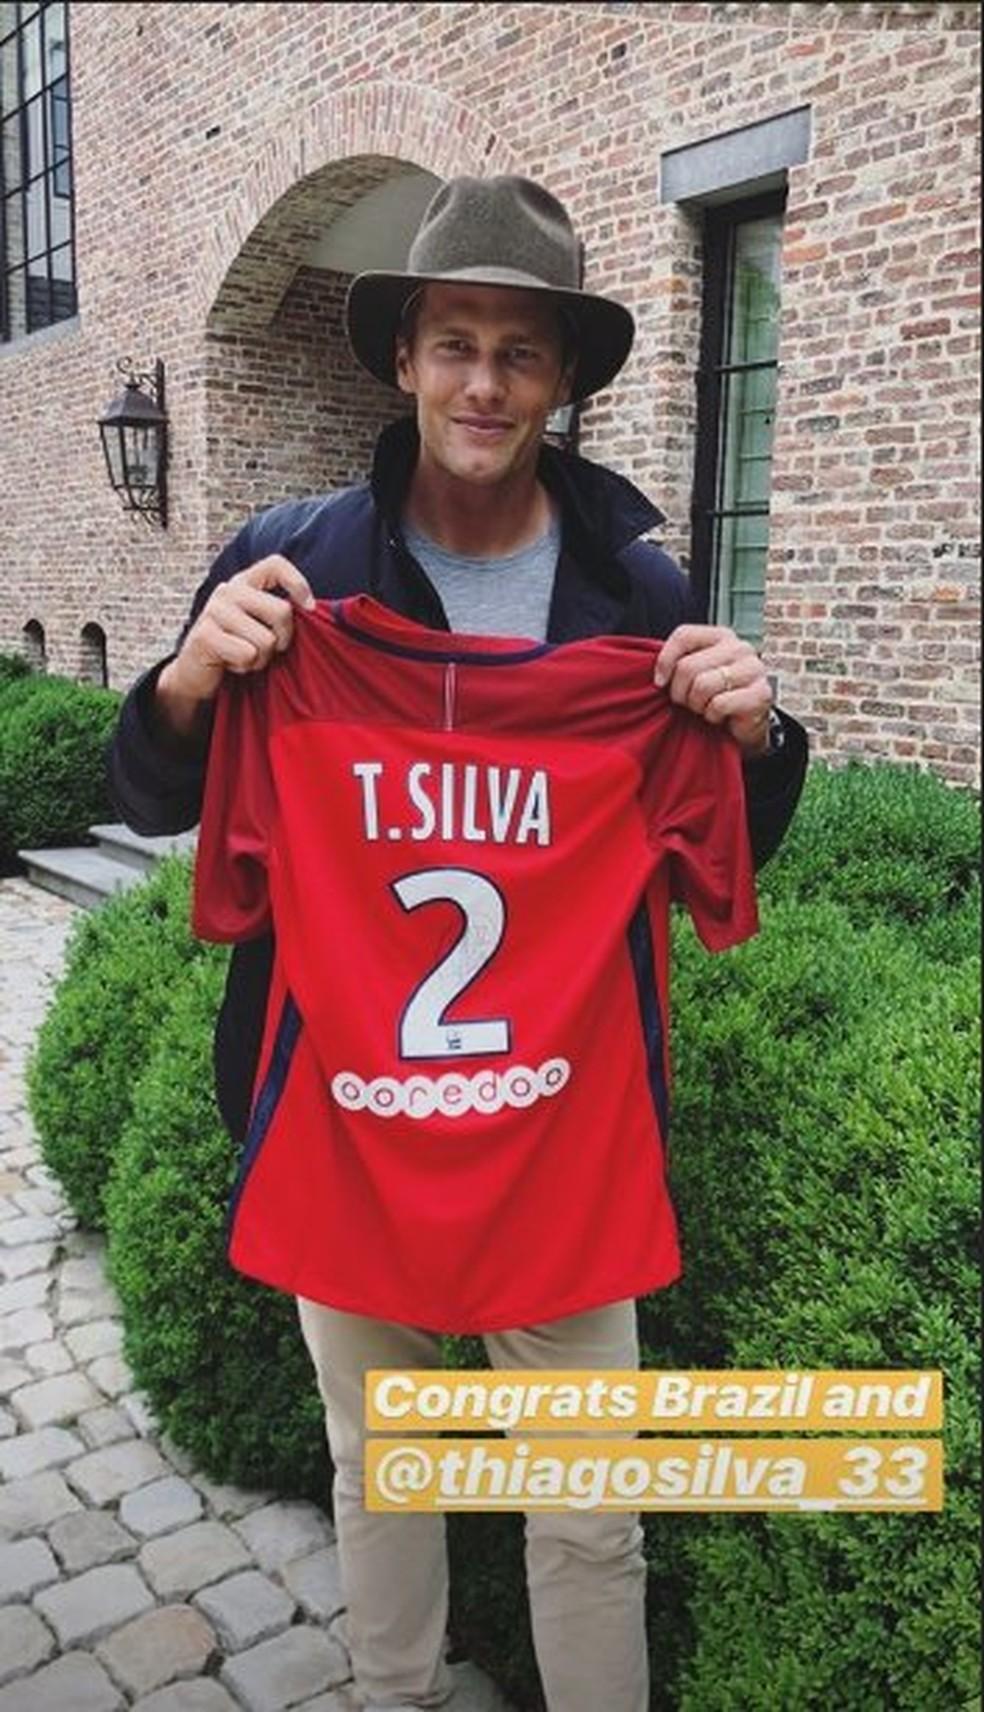 Tom Brady exibe camisa de Thiago Silva e manda recado